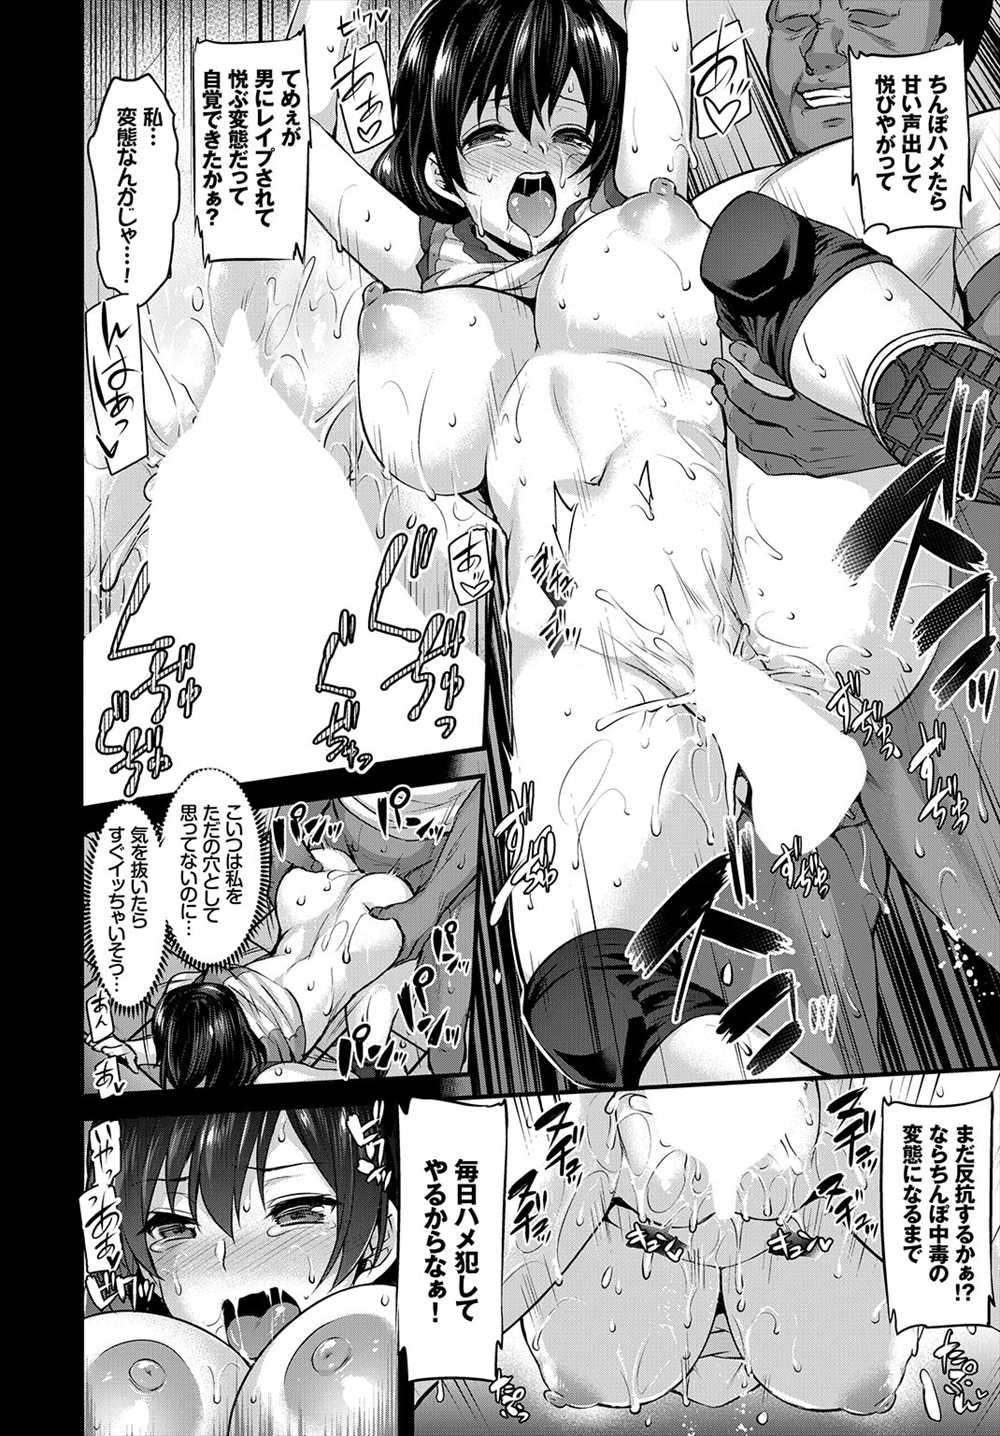 【エロ漫画】JKが先生にレイプされてハメ撮り脅迫…NTR生中出しファックで快楽堕ちww【阿部いのり:エース特別指導】